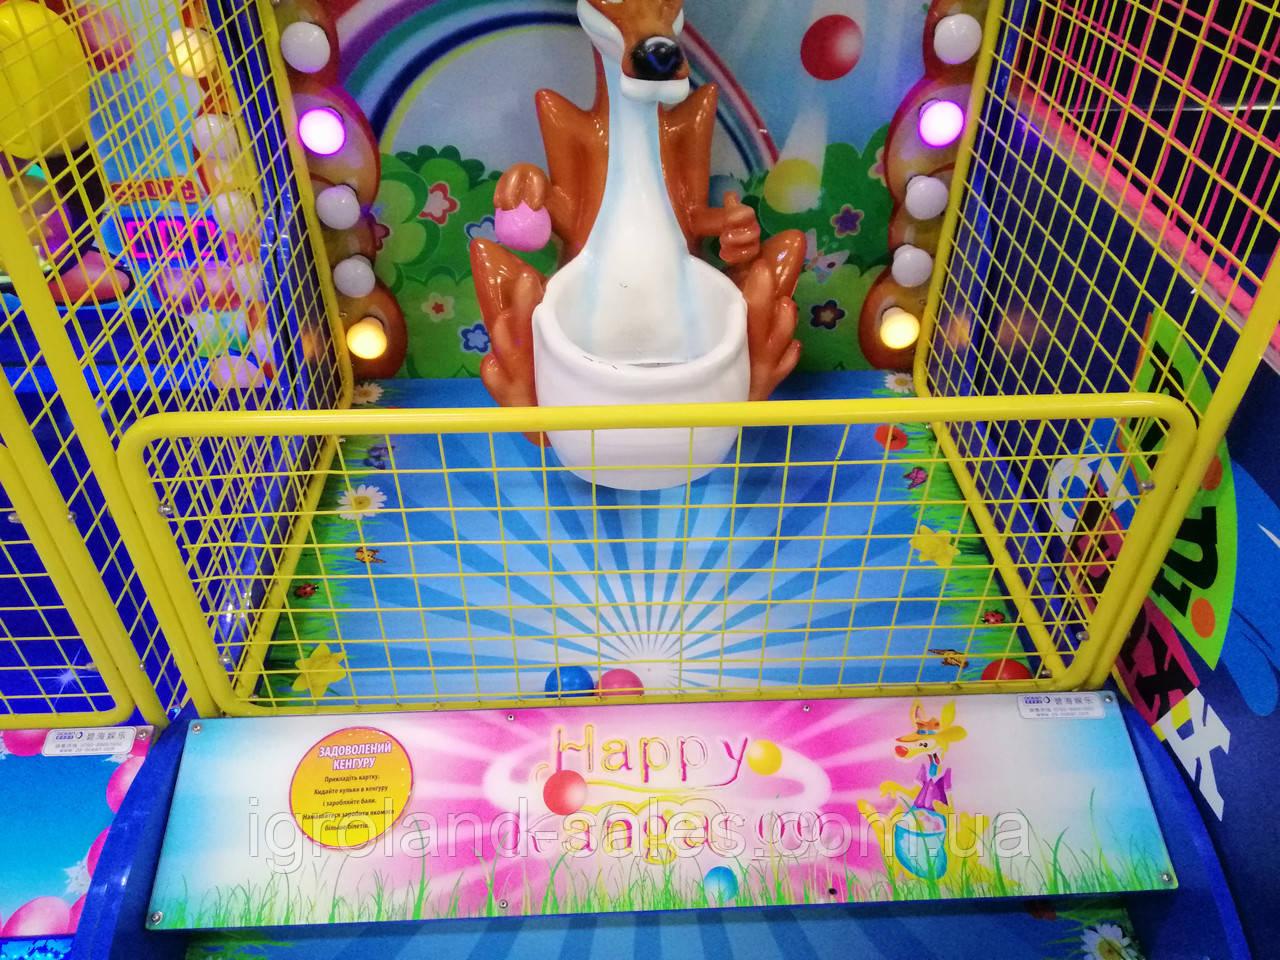 Игровые автоматы kangaroo яндекс игровые автоматы играть бесплатно онлайн